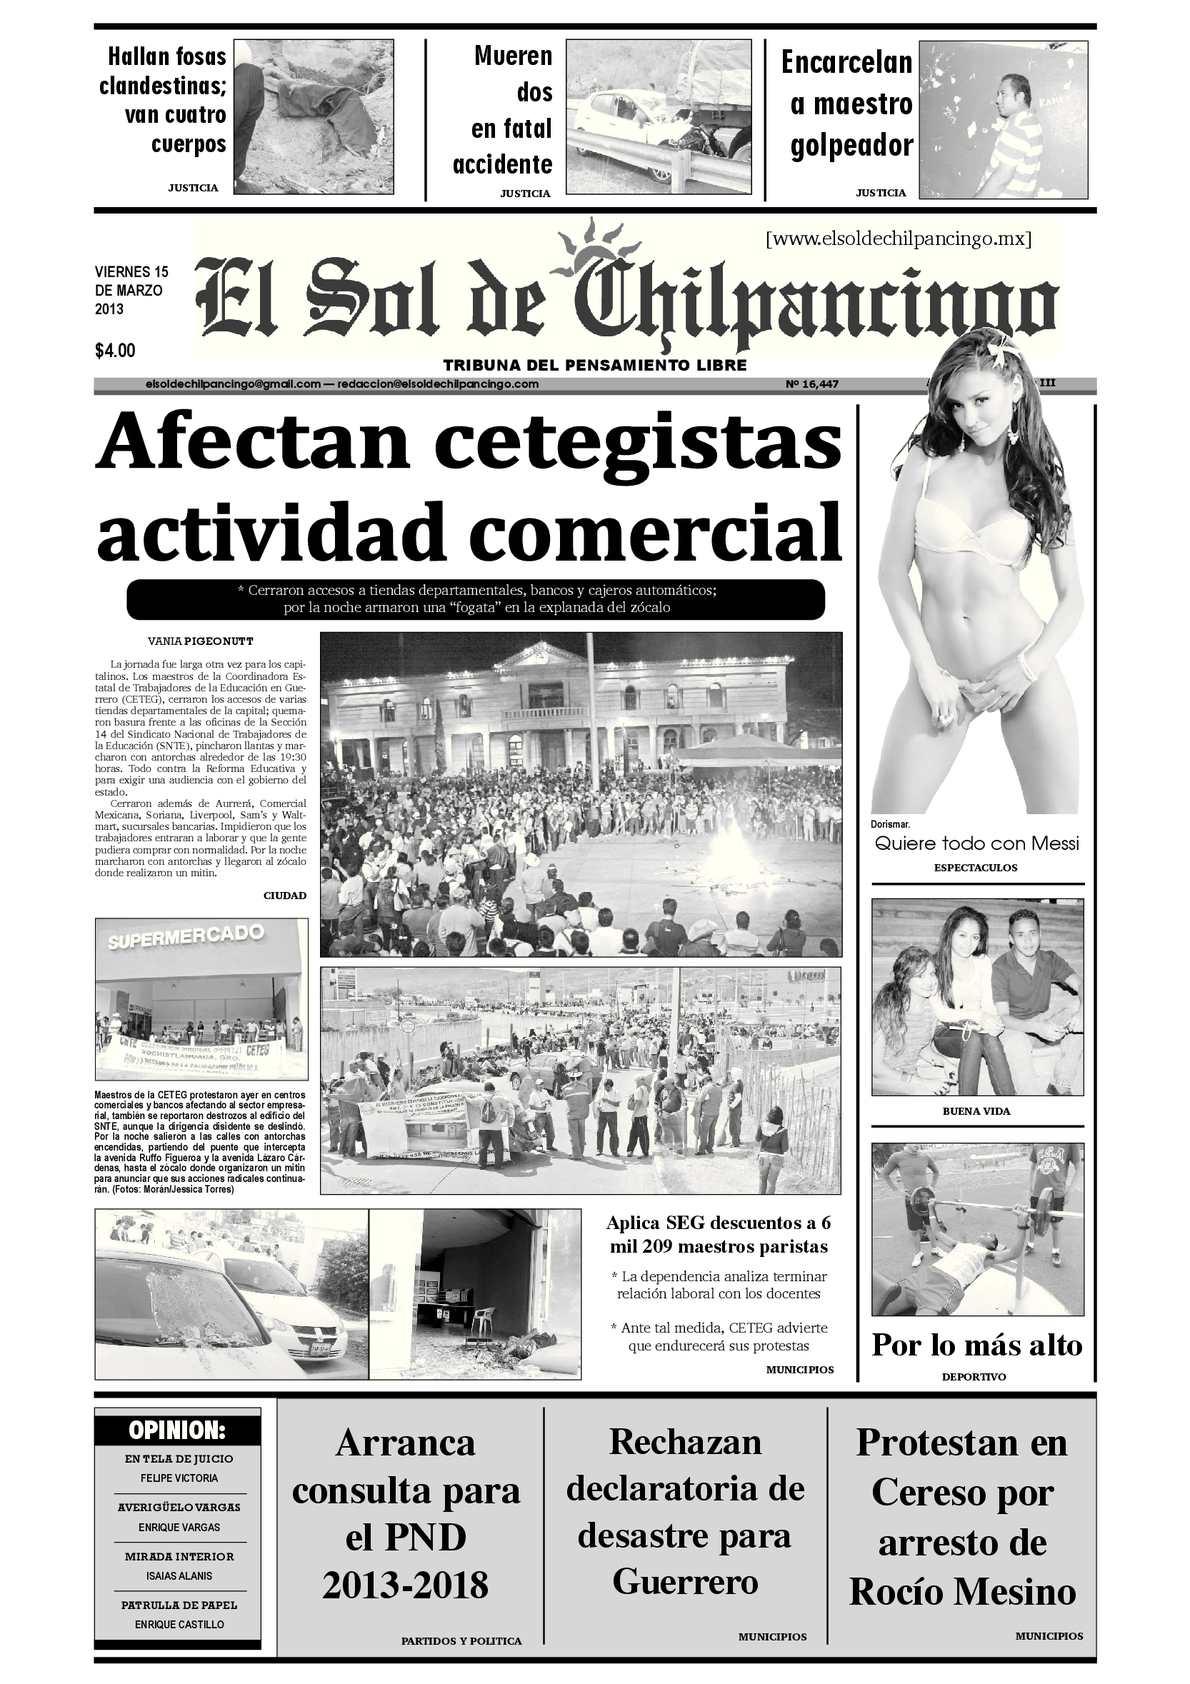 Calaméo - El Sol de Chilpancingo - 15 Marzo 2013